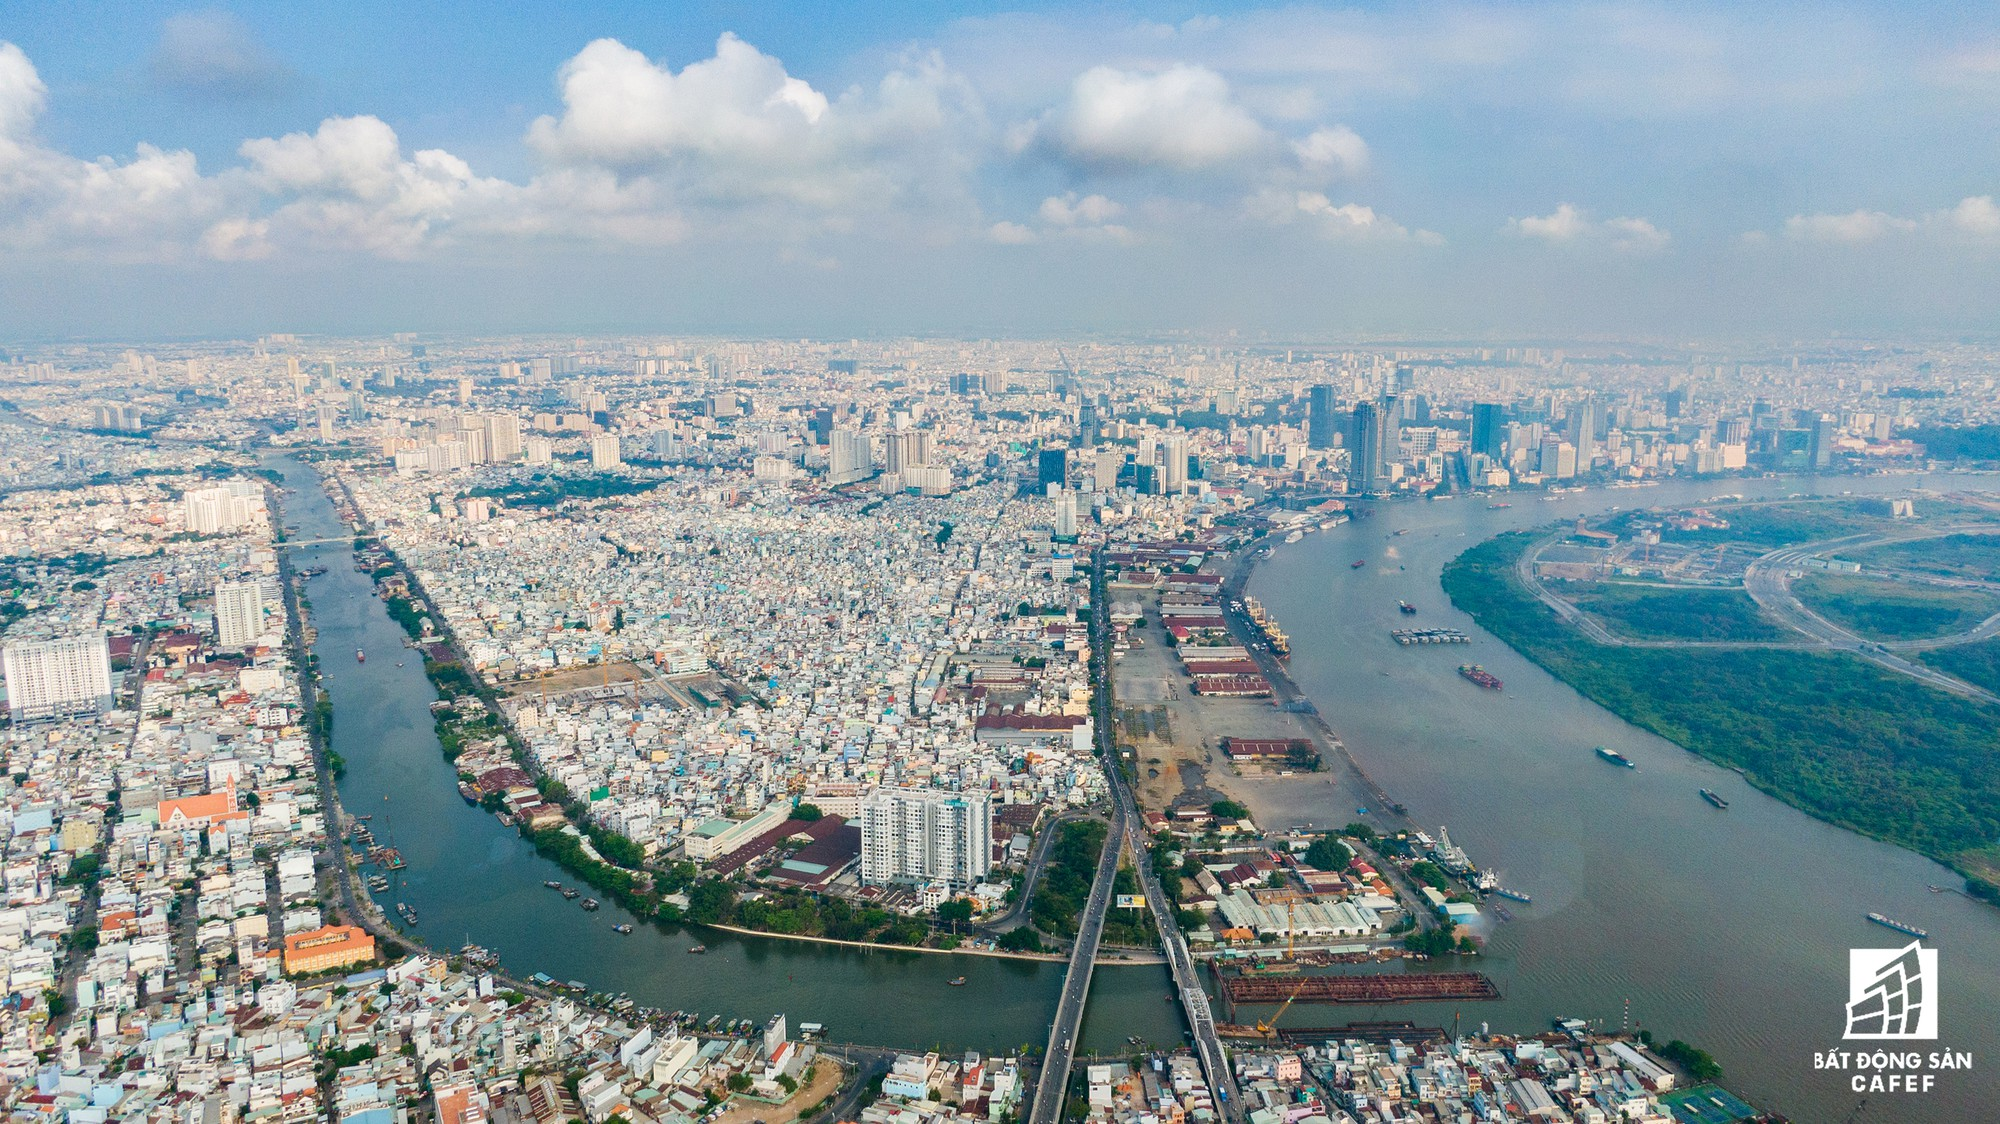 Diện mạo hai bờ sông Sài Gòn tương lai nhìn từ loạt siêu dự án tỷ đô, khu vực trung tâm giá nhà lên hơn 1 tỷ đồng/m2 - Ảnh 29. Diện mạo hai bờ sông Sài Gòn tương lai nhìn từ loạt siêu dự án tỷ đô, khu vực trung tâm giá nhà lên hơn 1 tỷ đồng/m2 Diện mạo hai bờ sông Sài Gòn tương lai nhìn từ loạt siêu dự án tỷ đô, khu vực trung tâm giá nhà lên hơn 1 tỷ đồng/m2 hinh 25 15682778821201439725540